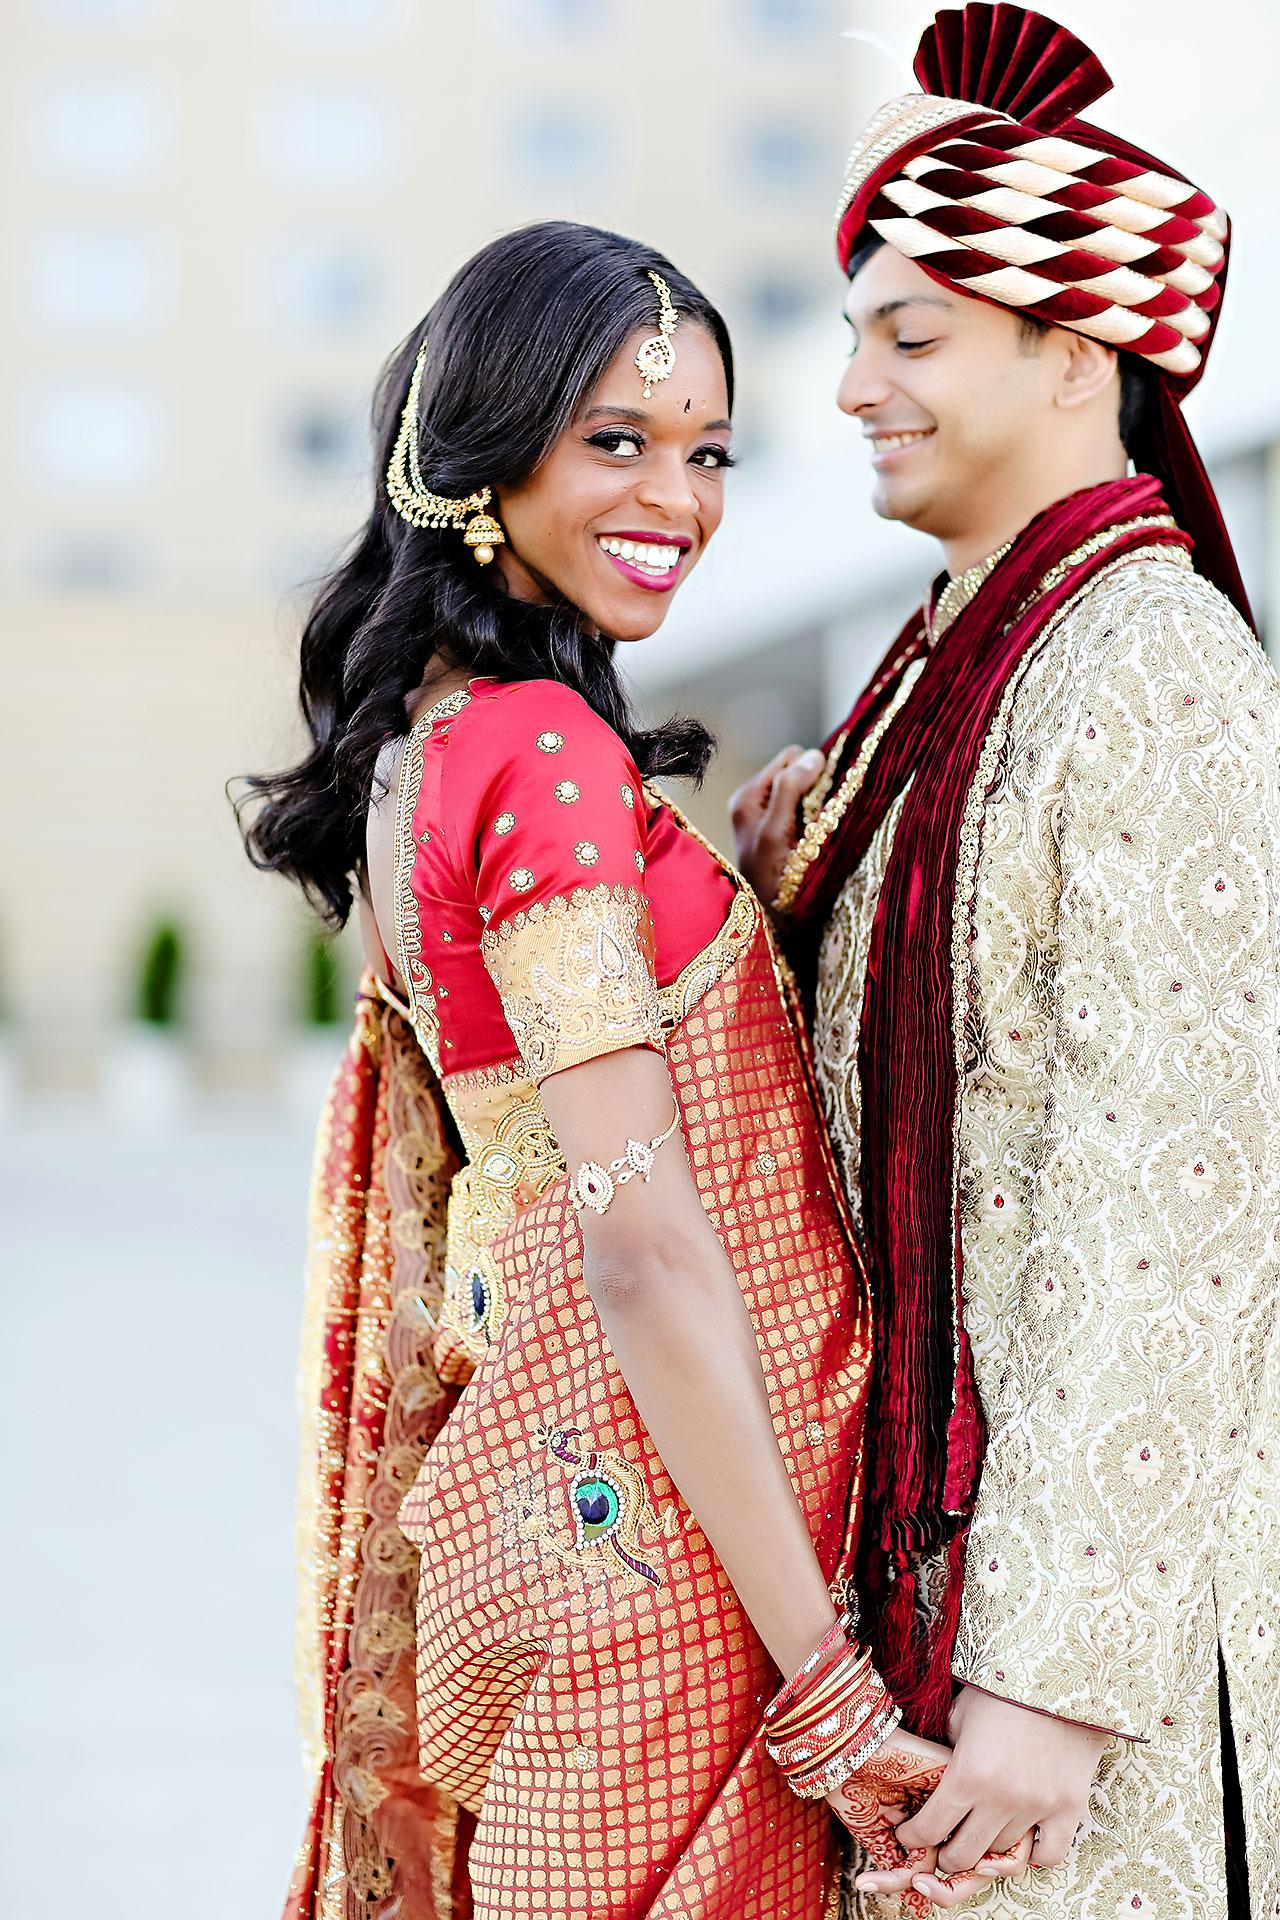 Joie Nikhil JW Marriott Indian Wedding 054